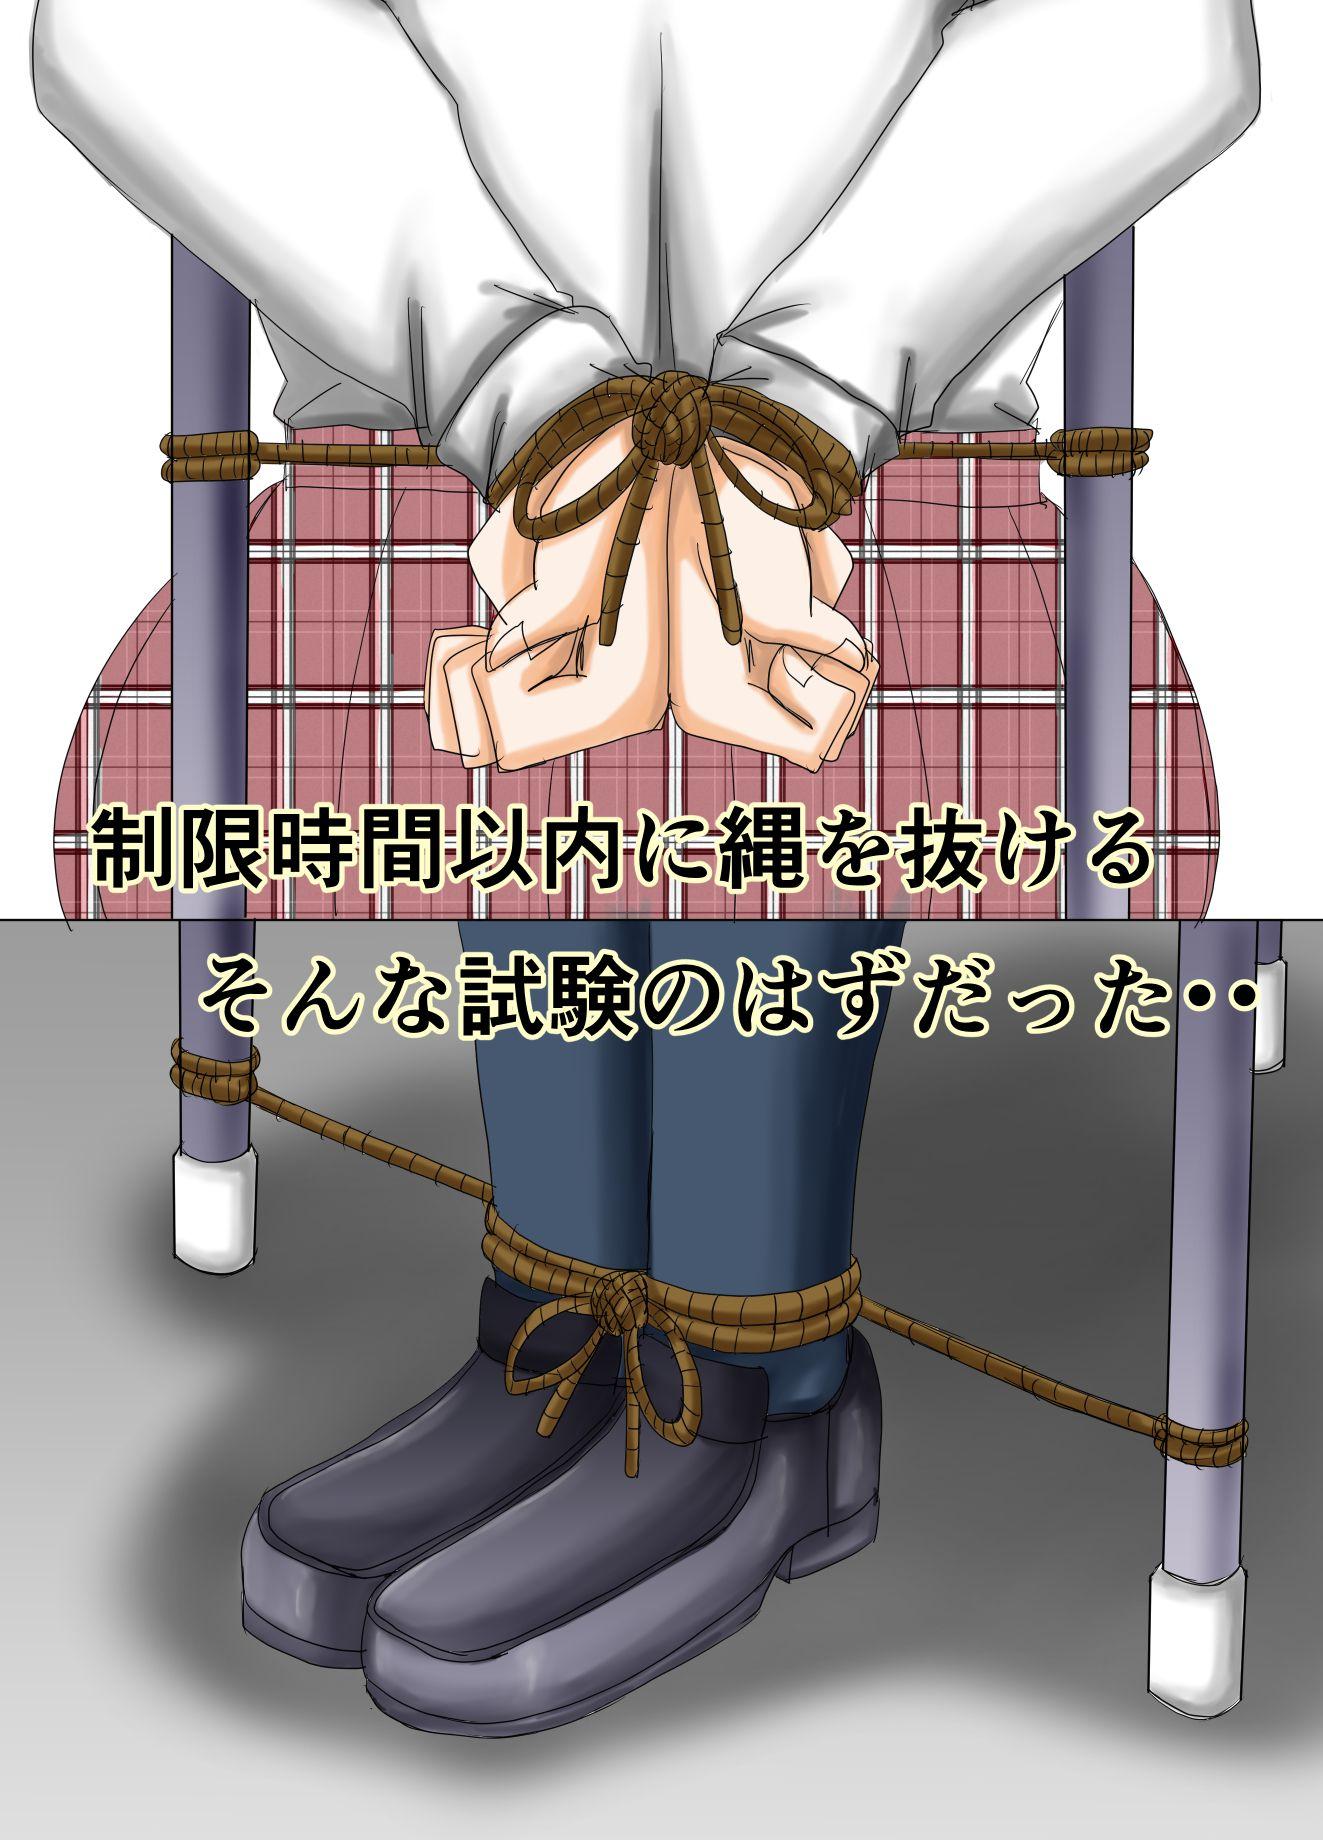 くノ一学園の試験 縄抜け編